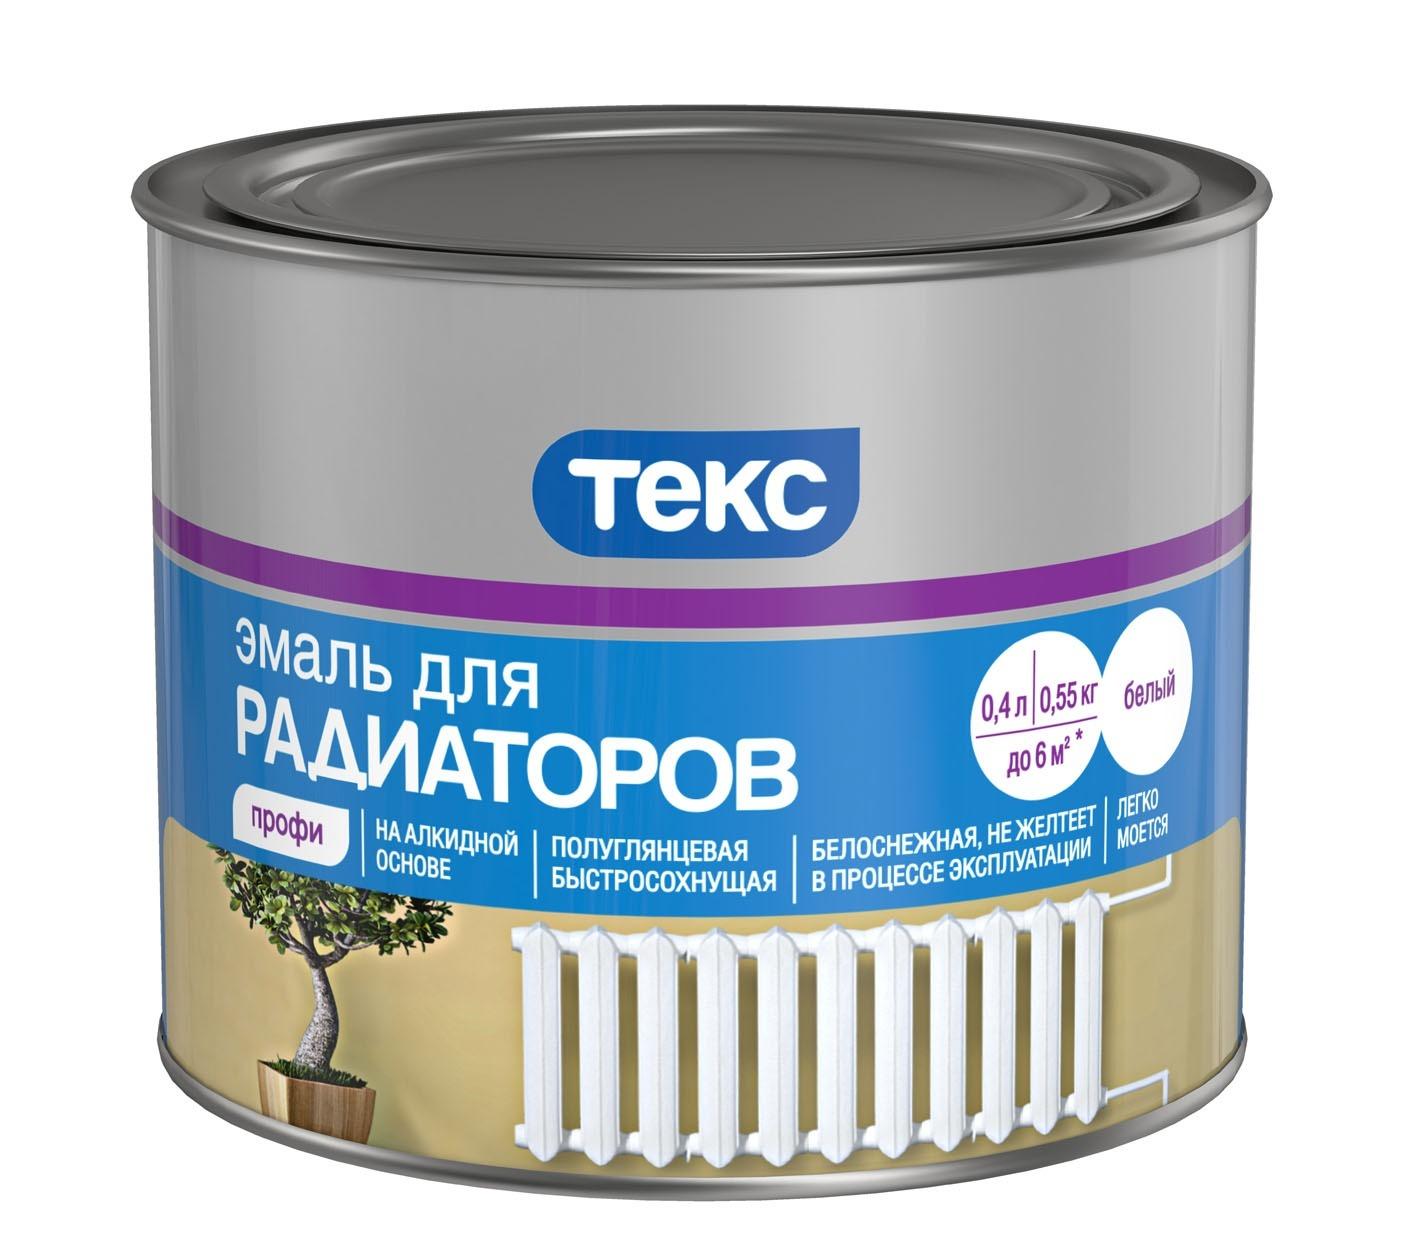 Термостойкая эмаль – в чем особенность этой краски